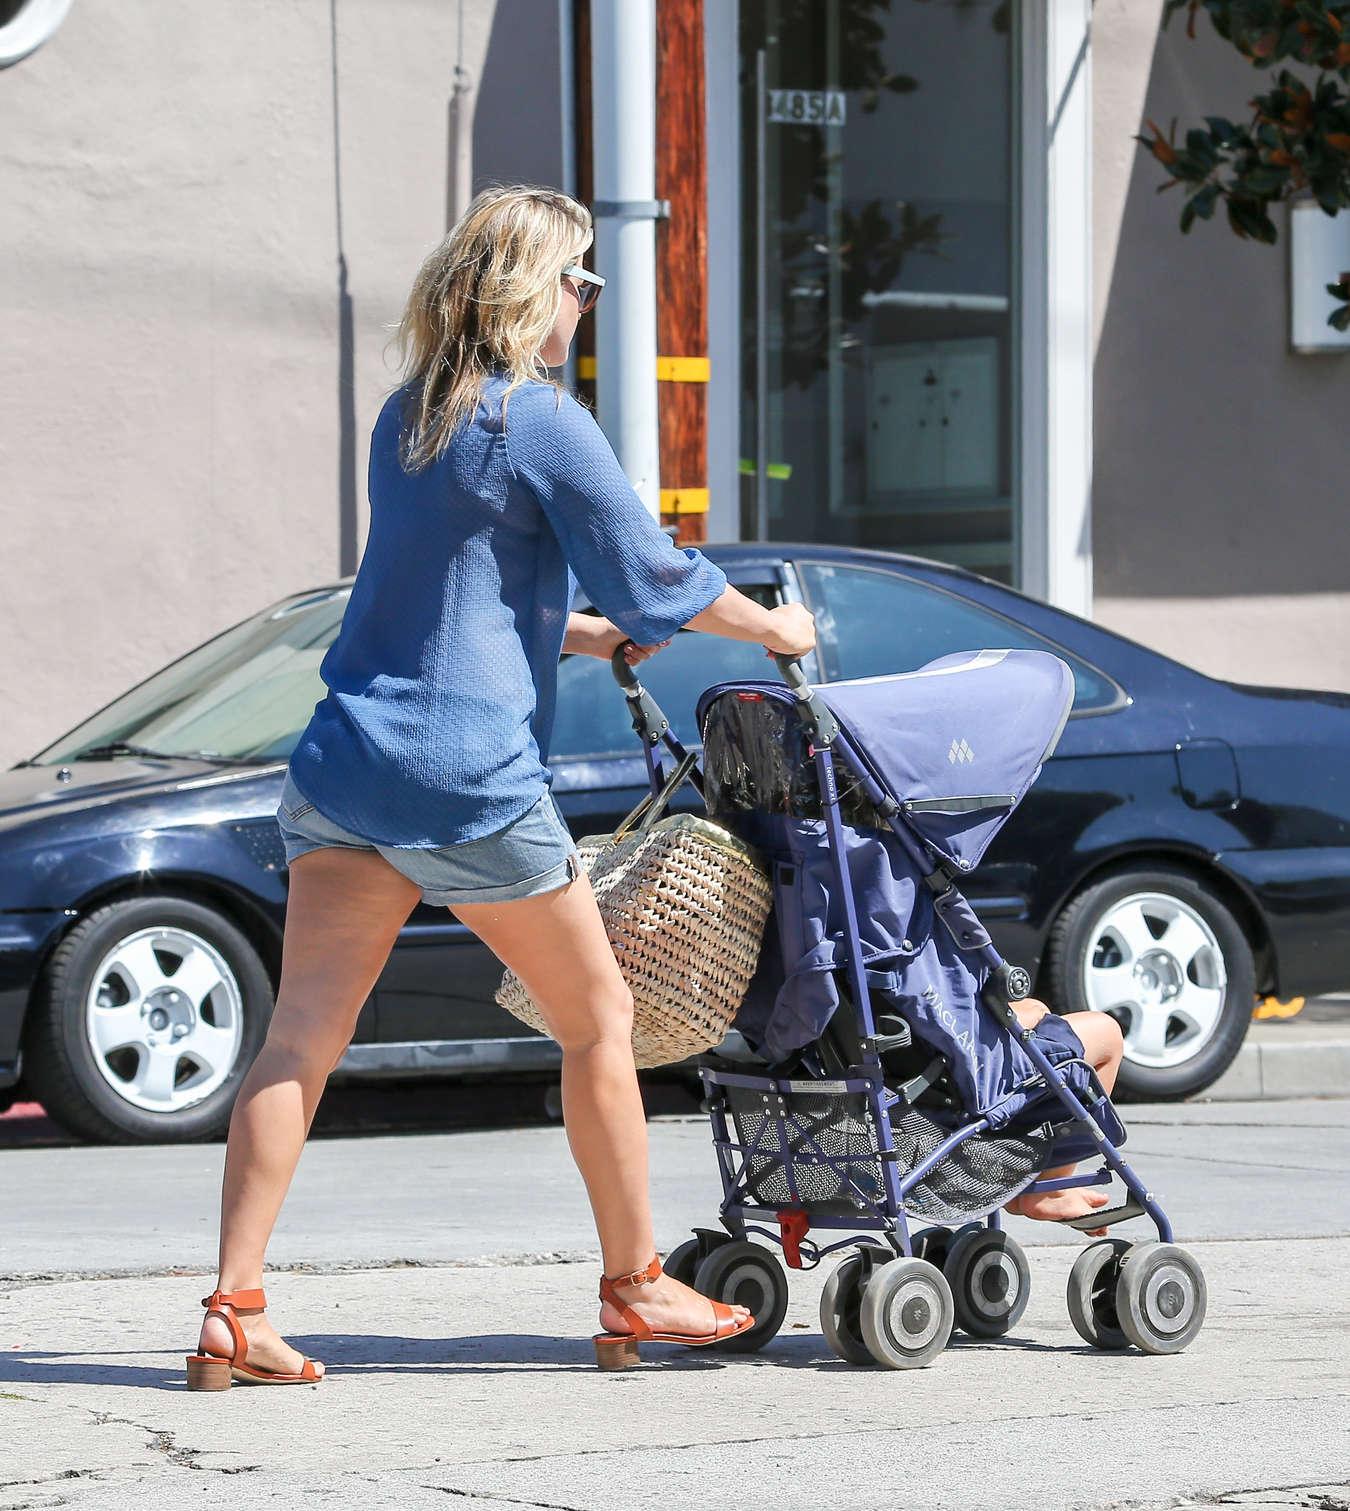 Ali Larter Wearing Shorts In LA - CELEBUFF